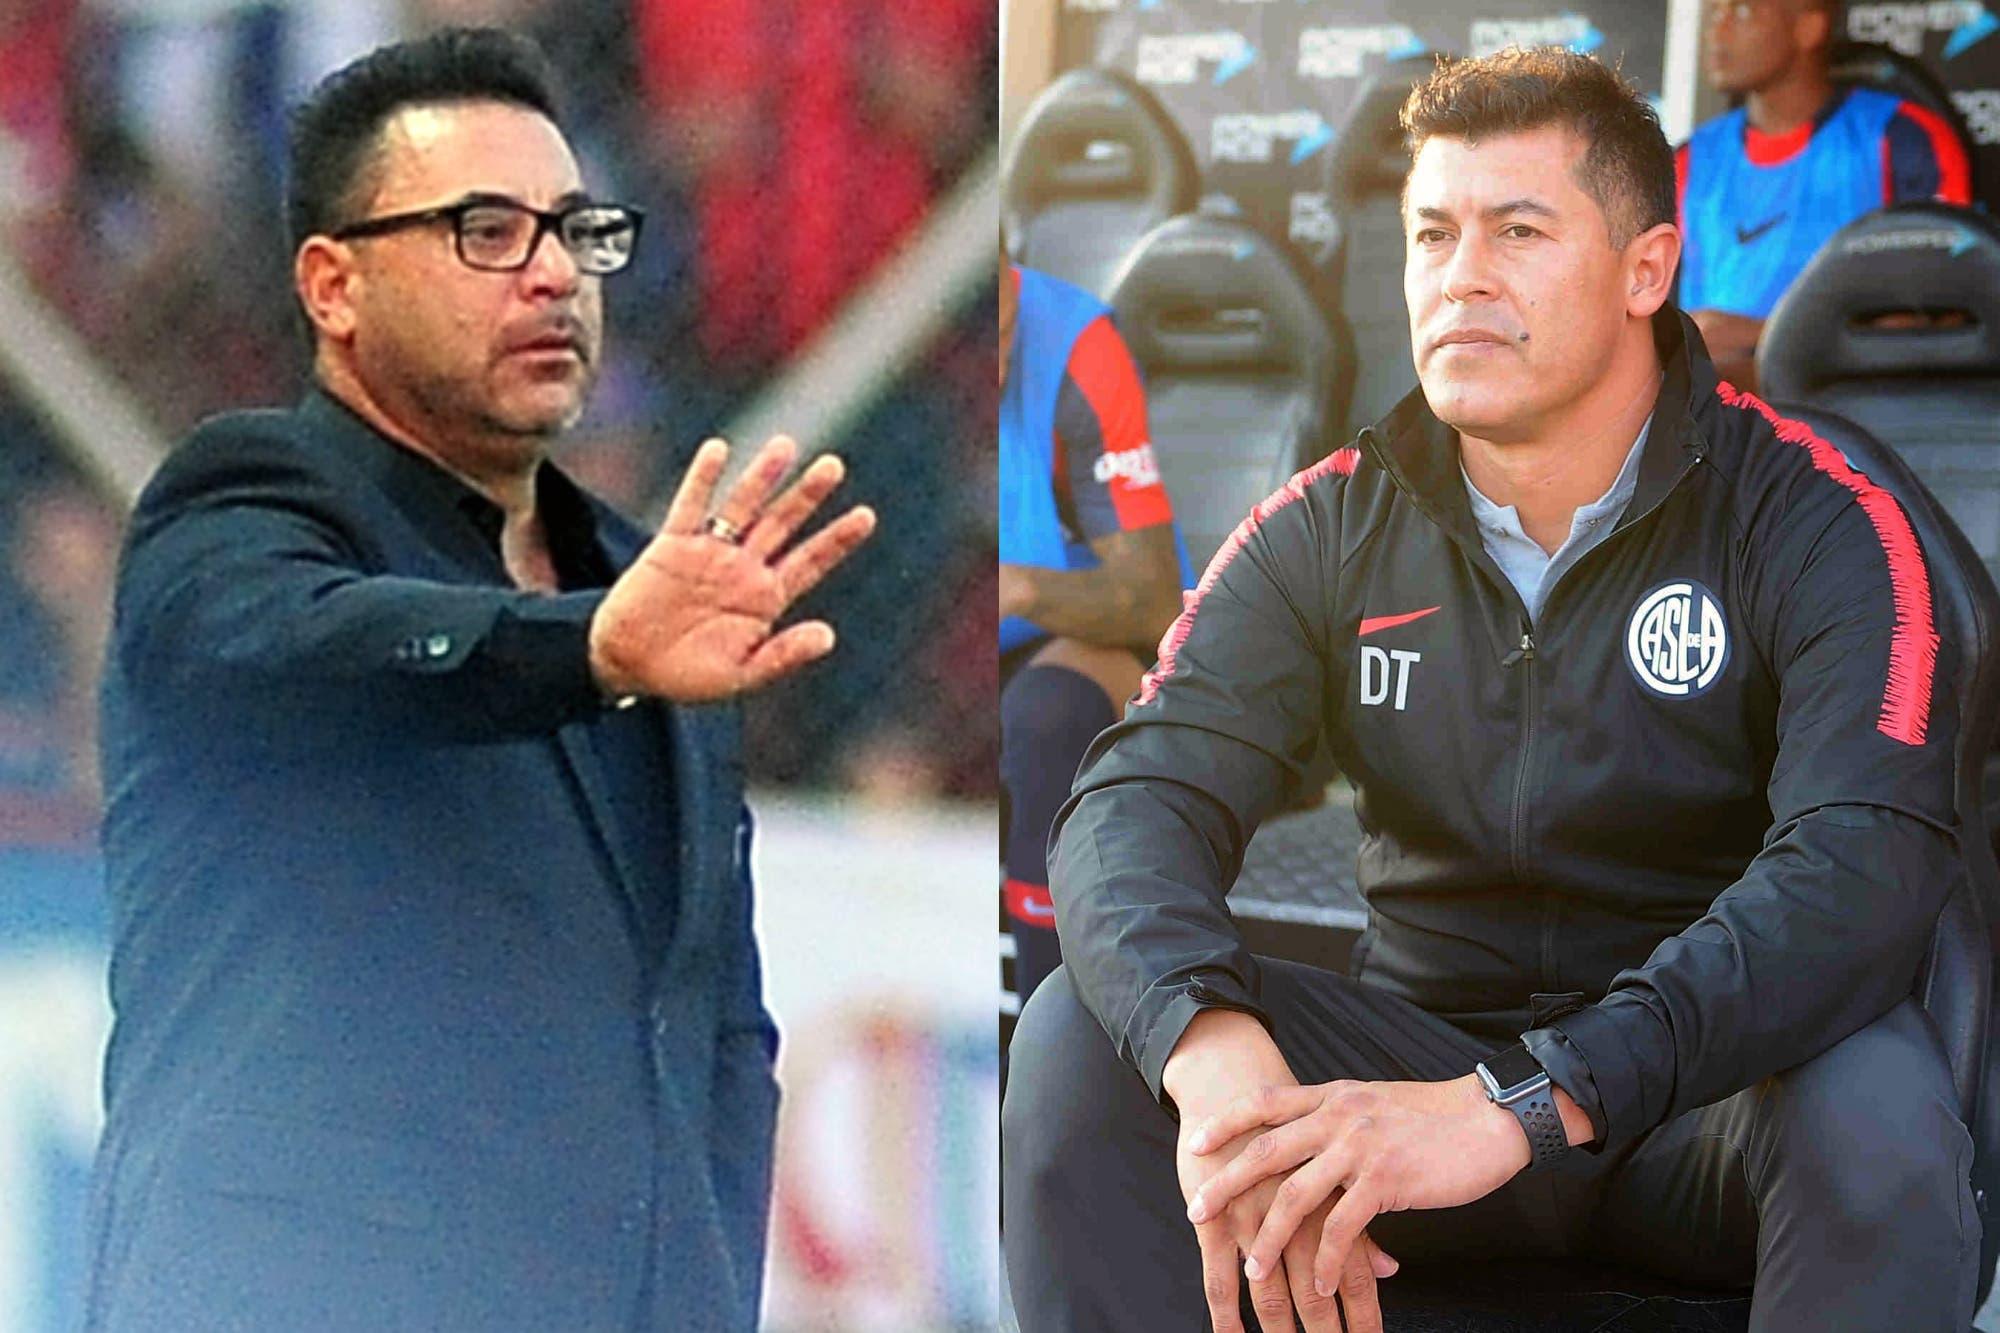 Huracán-San Lorenzo: qué se juegan Mohamed y Almirón en el clásico